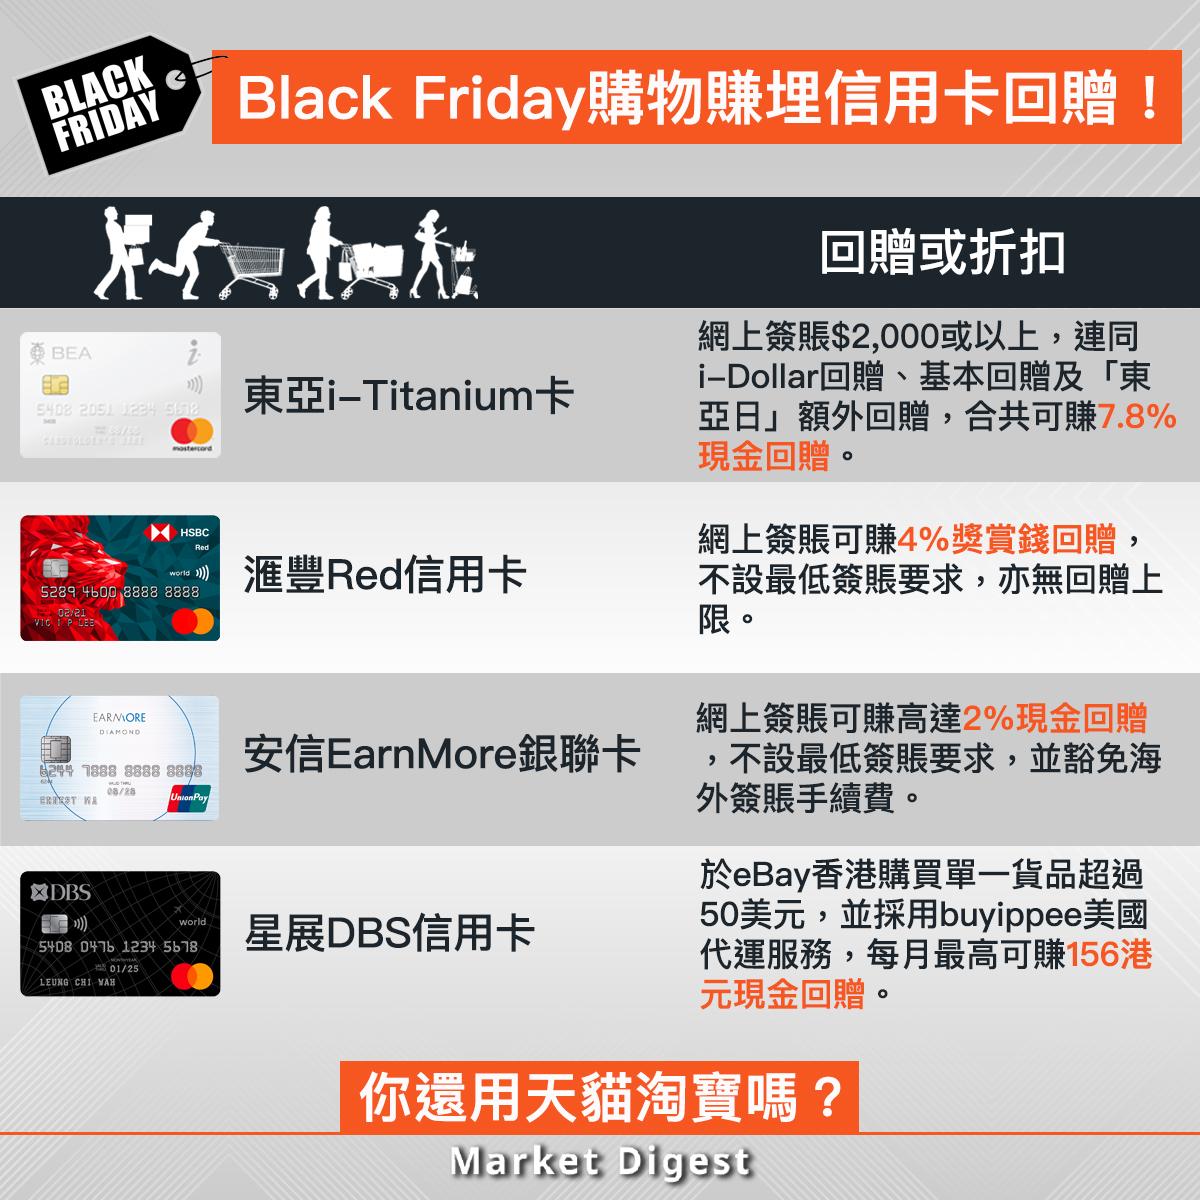 【優惠我要晒】Black Friday購物賺埋信用卡回贈!